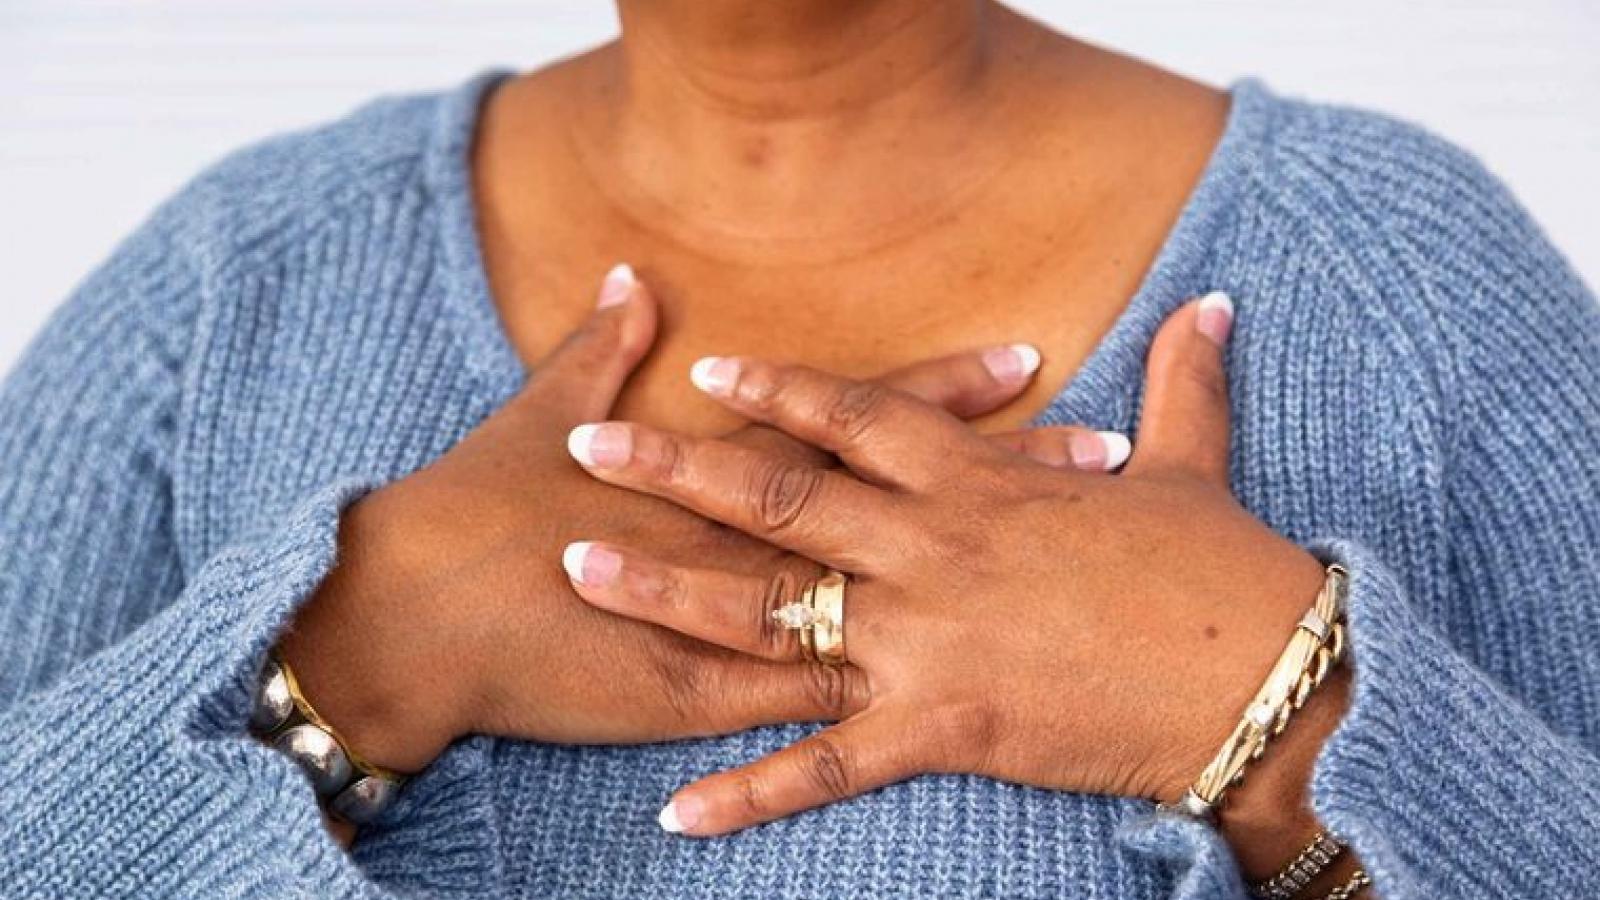 10 nguy cơ sức khỏe ở phụ nữ hậu mãn kinh